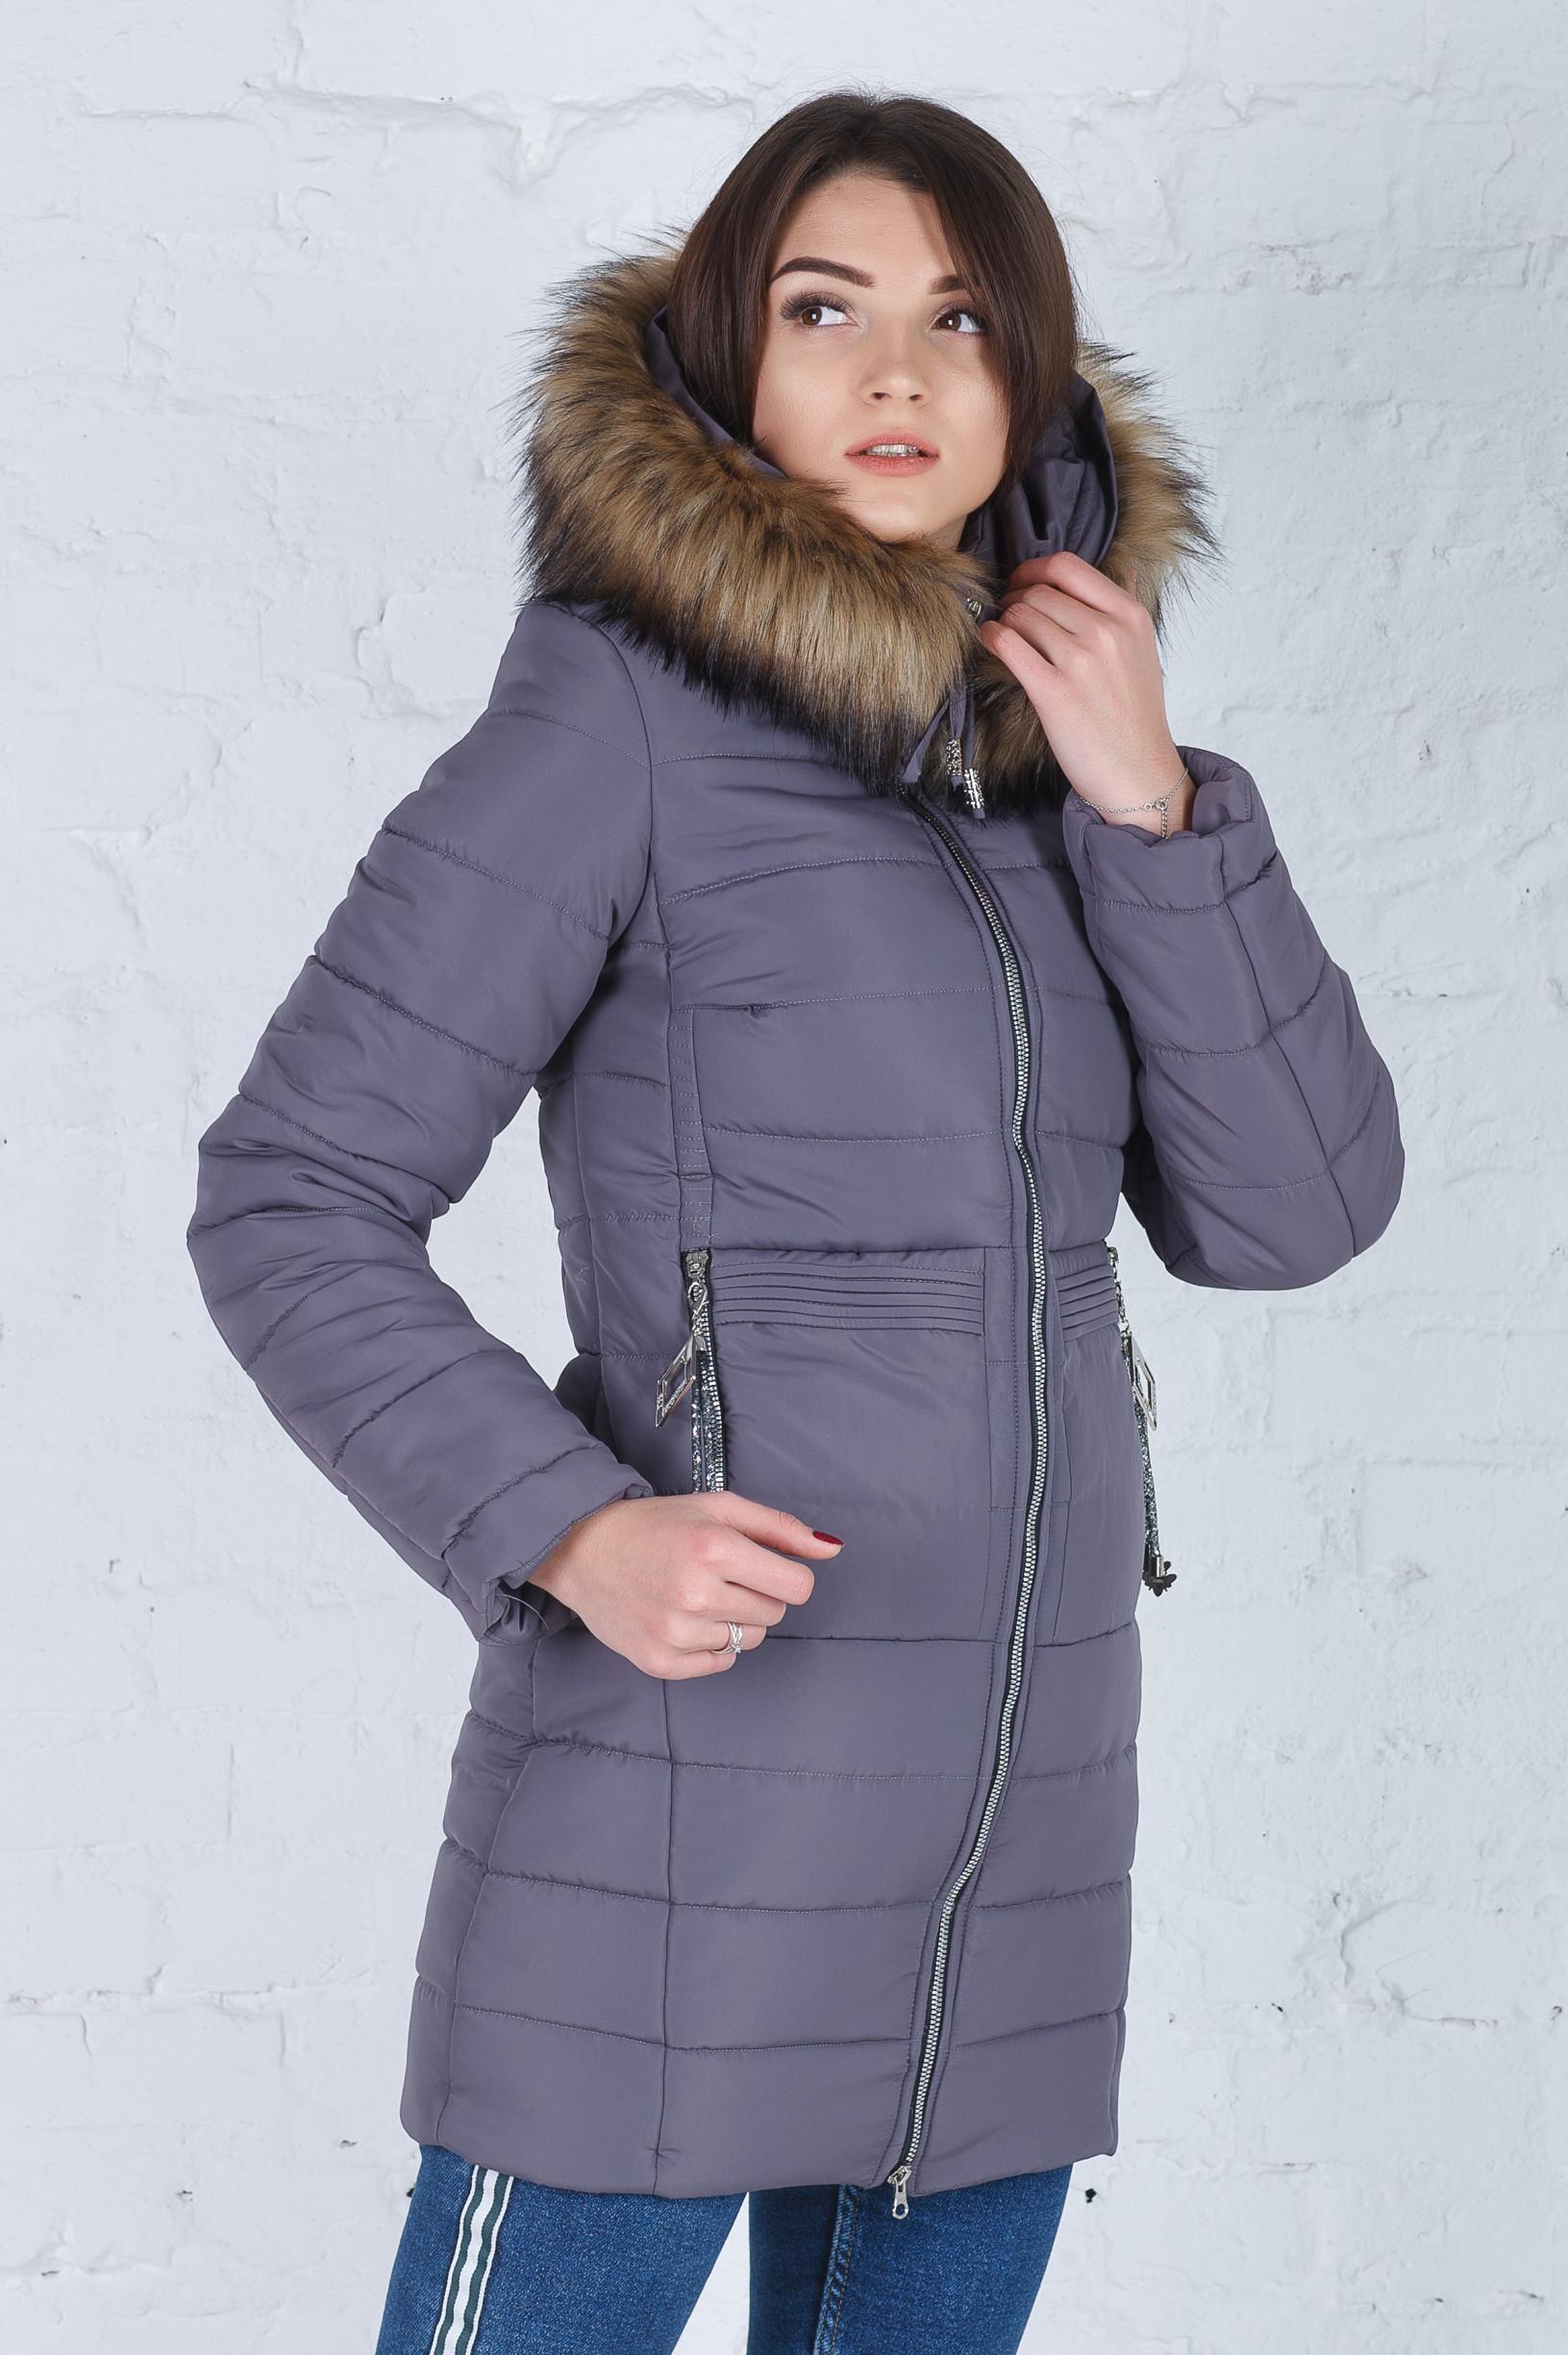 Зимняя куртка Герда новая капучино